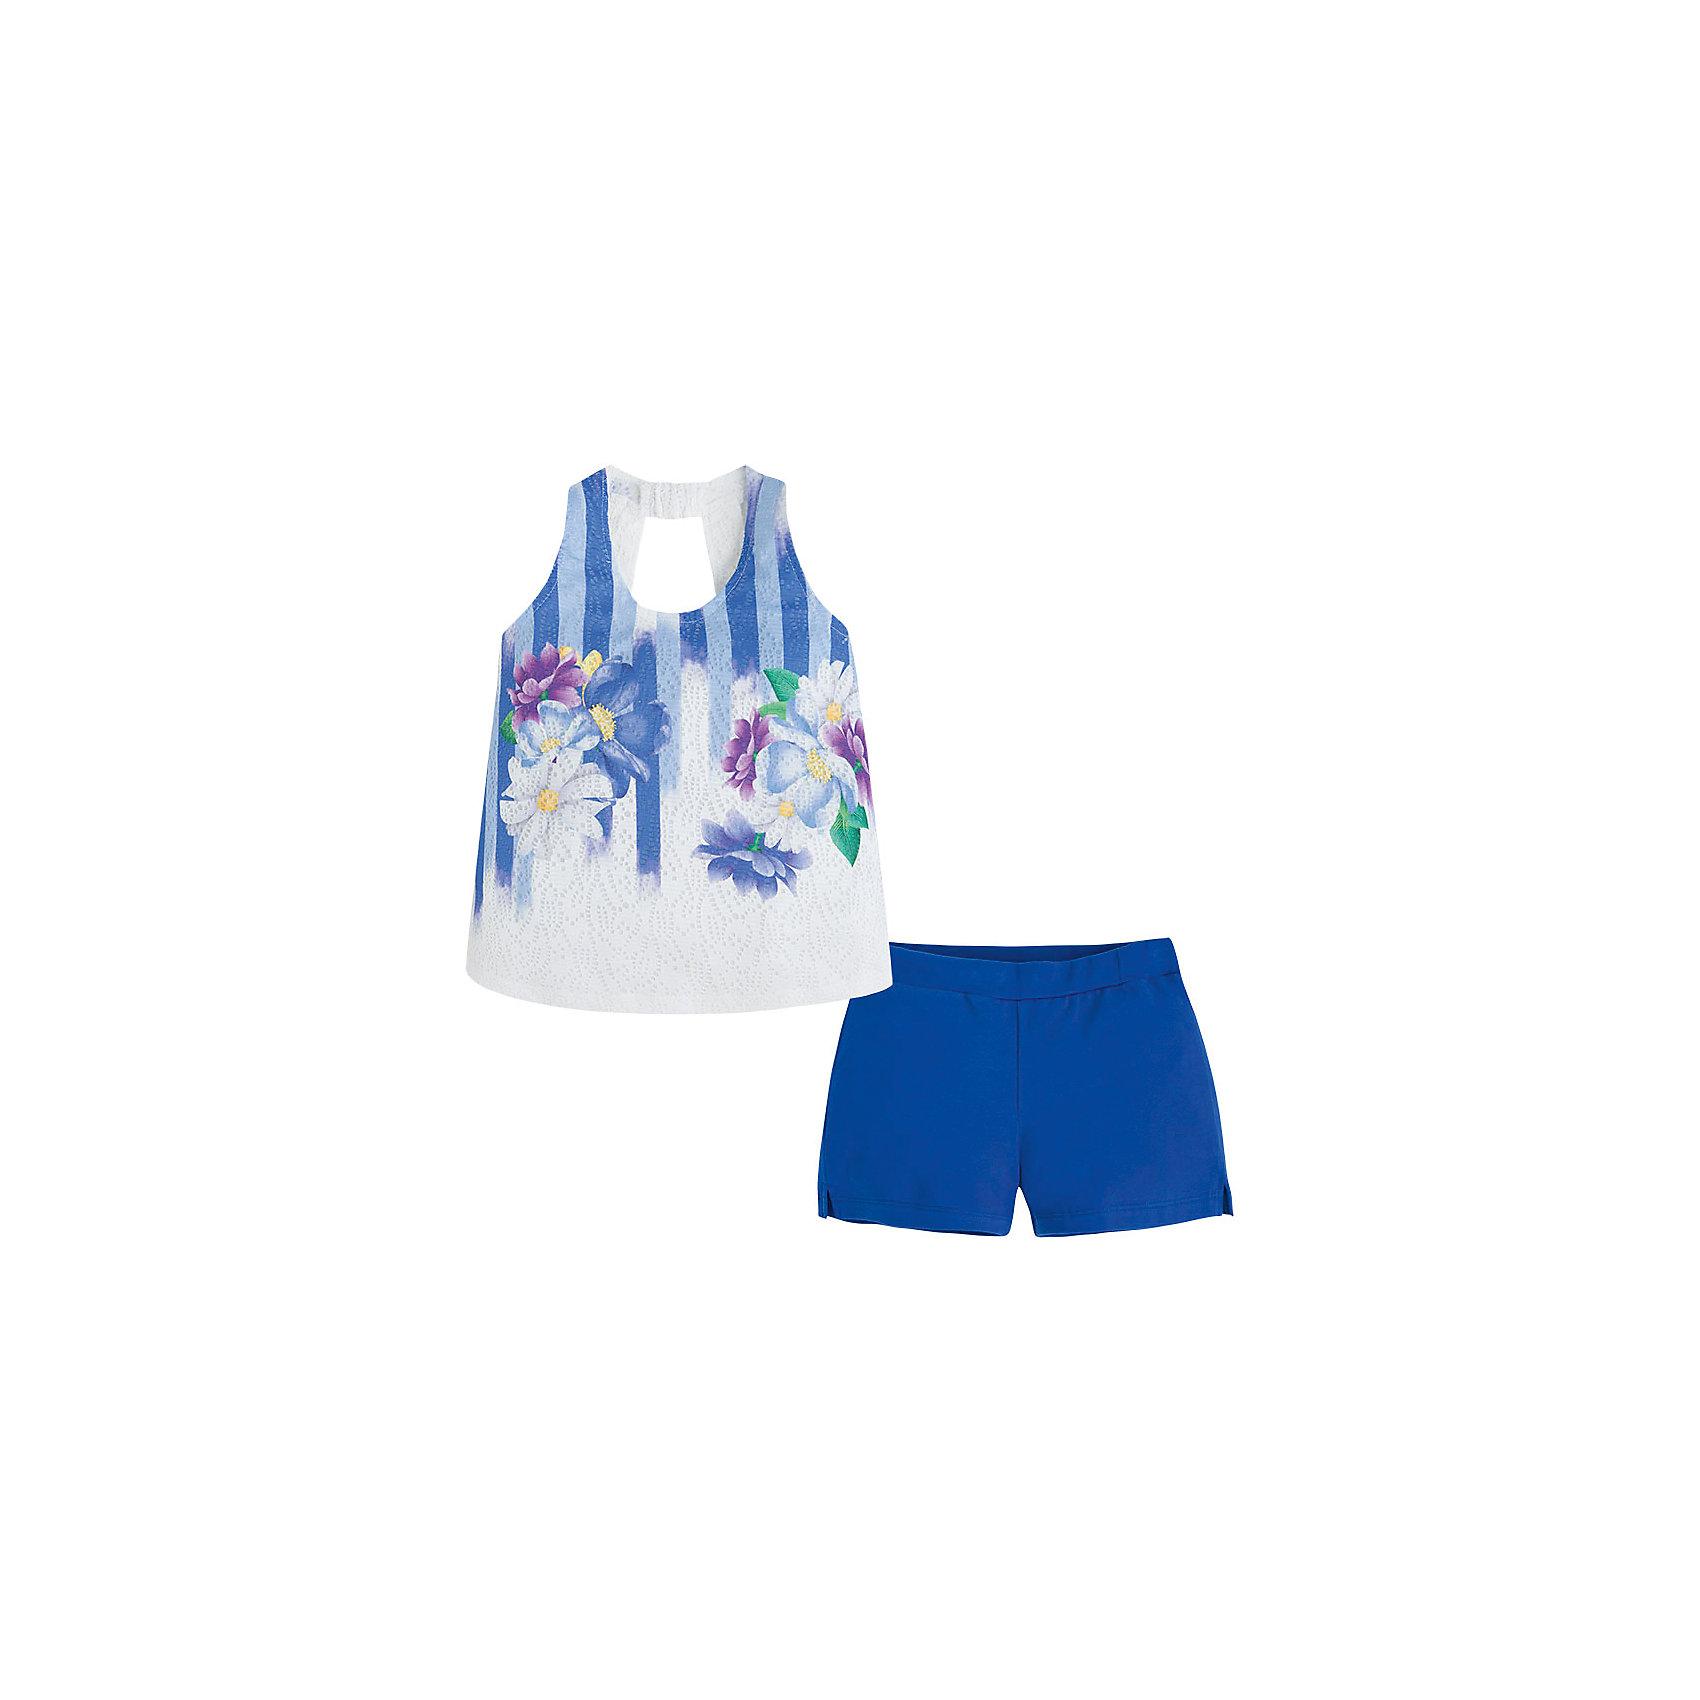 Комплект для девочки: майка и шорты MayoralЯркий комплект для девочки: футболка и шорты от известной испанской марки Mayoral - идеальный вариант для теплой погоды! <br><br>Дополнительная информация:<br><br>- Мягкая приятная к телу ткань. <br>- Прекрасно смотрится на фигуре, не вытягивается.<br>- Шорты на эластичном поясе, с декоративными разрезами.<br>- Футболка из узорной трикотажной сетчатой ткани. <br>- Округлый вырез горловины.<br>- Яркий цветочный принт.<br>- Вырез на спине. <br>- Состав: 95% хлопок, 5% эластан.<br><br>Комплект для девочки: футболку и шорты Mayoral (Майорал) можно купить в нашем магазине.<br><br>Ширина мм: 191<br>Глубина мм: 10<br>Высота мм: 175<br>Вес г: 273<br>Цвет: синий<br>Возраст от месяцев: 144<br>Возраст до месяцев: 156<br>Пол: Женский<br>Возраст: Детский<br>Размер: 158,128,164,152,140,170<br>SKU: 4543455